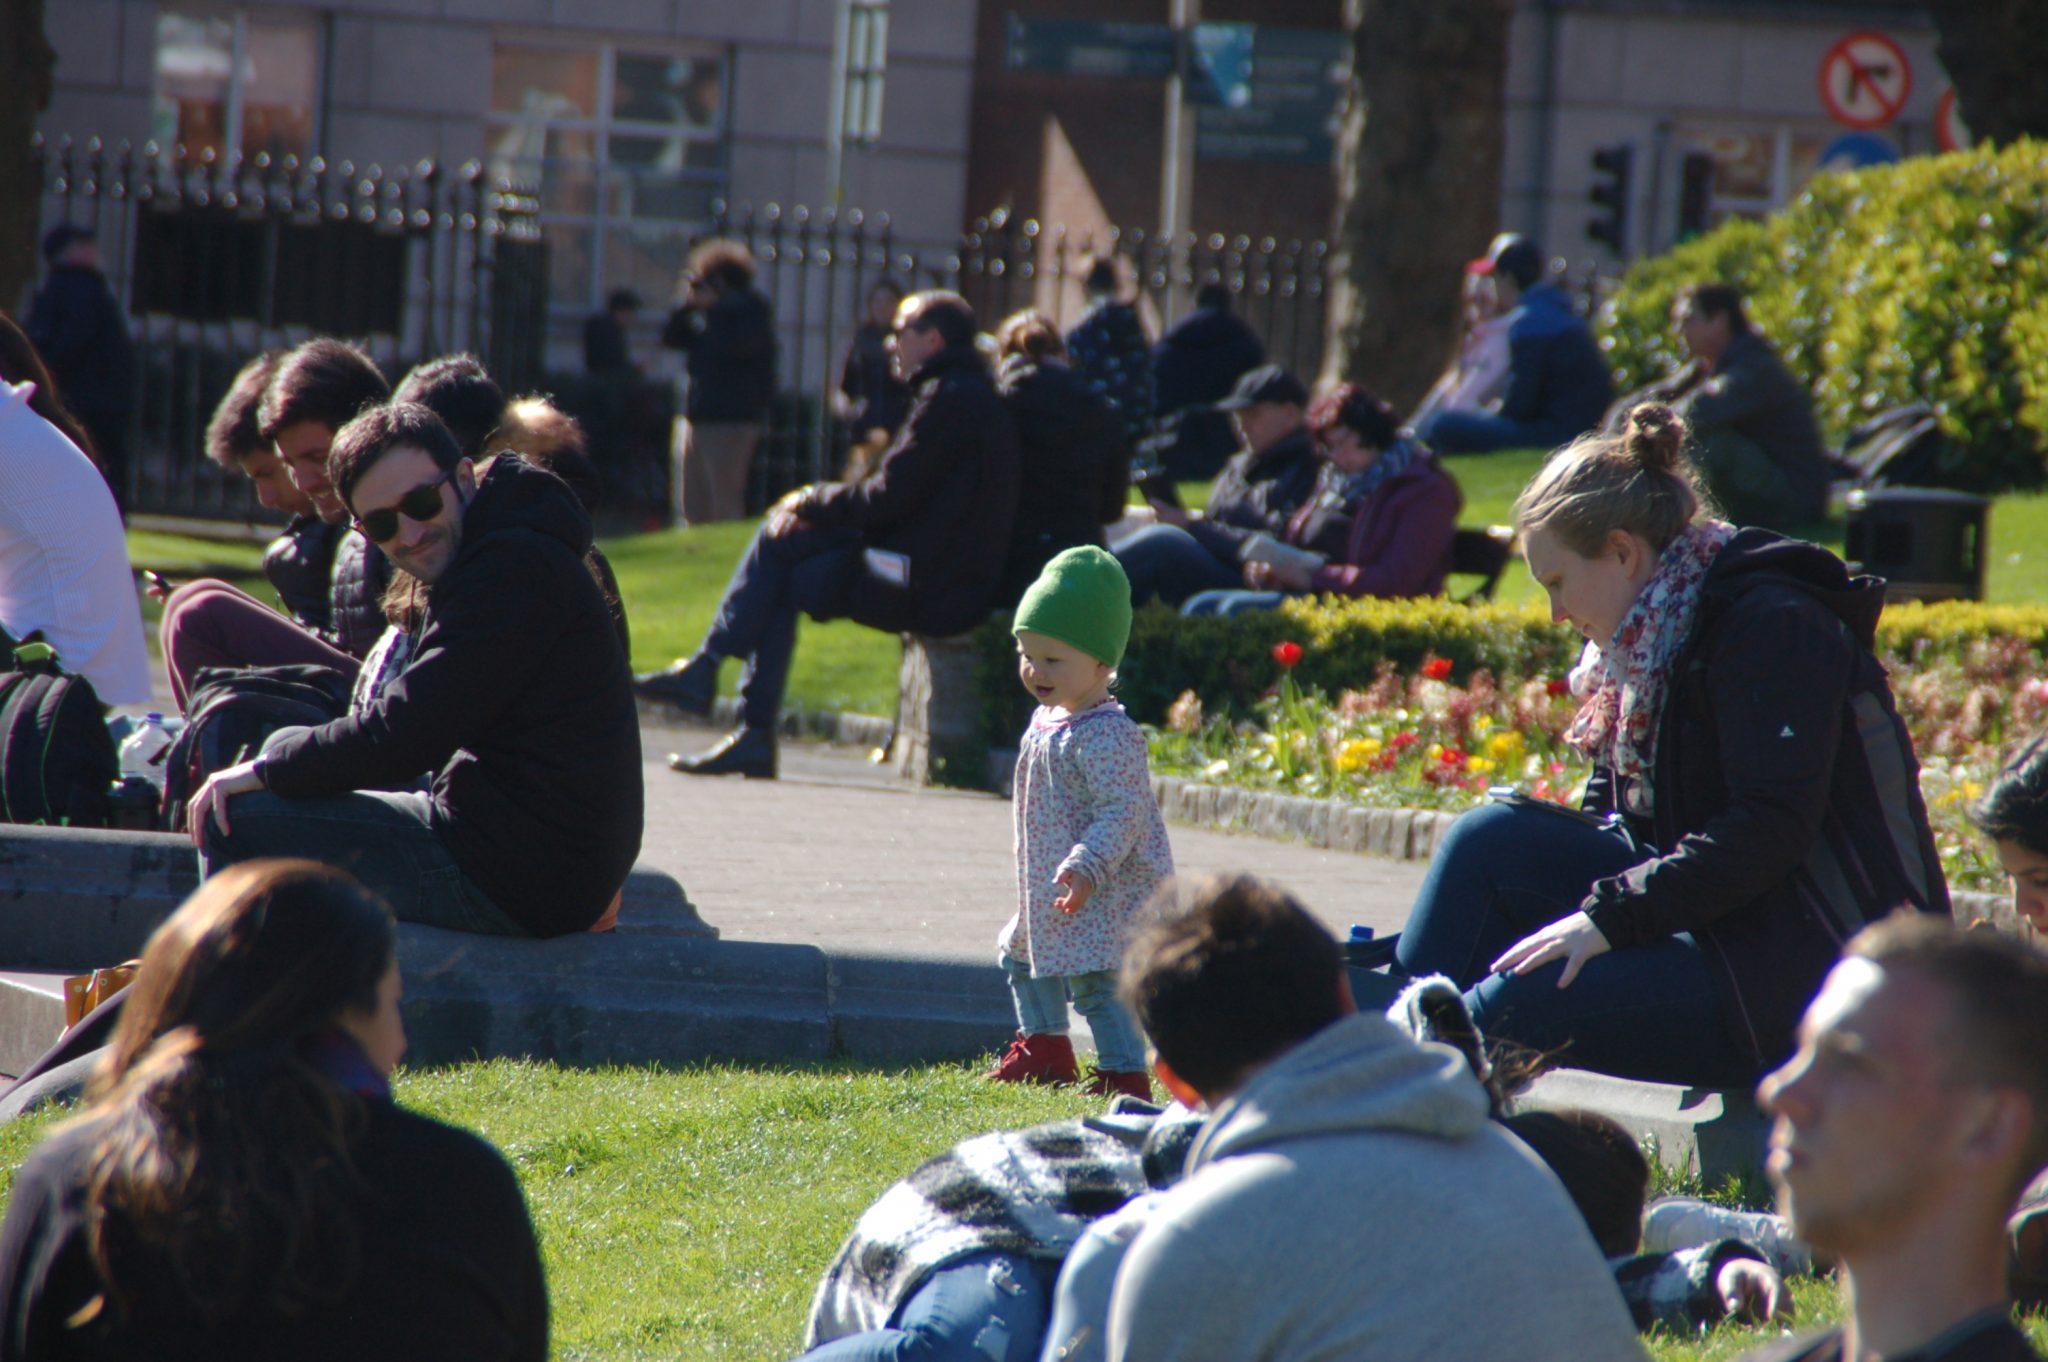 Meisje met groene muts in park